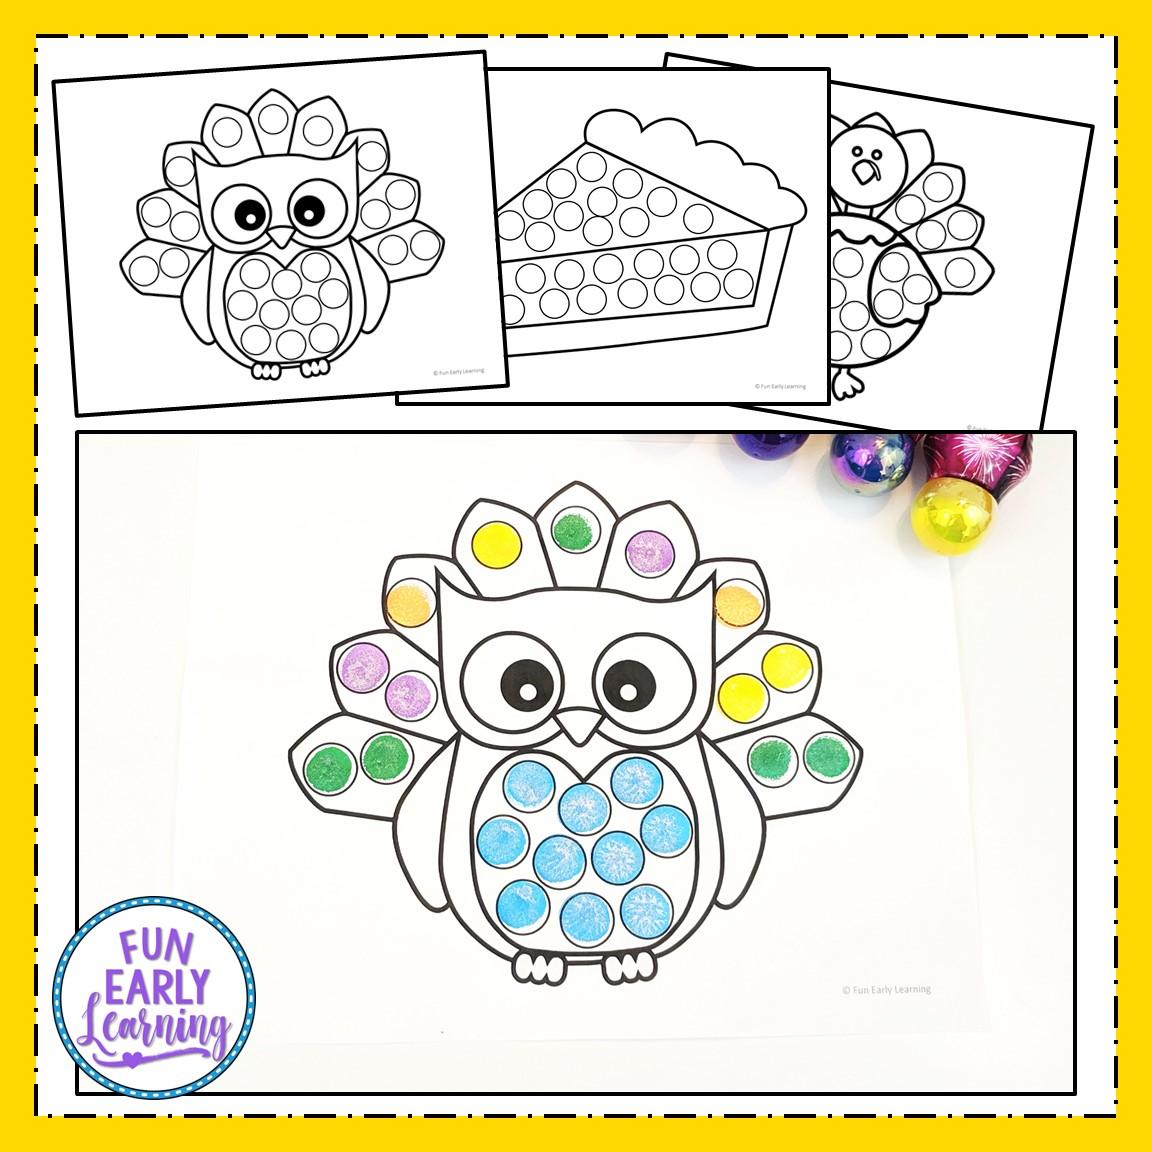 Thanksgiving Bingo Dauber Coloring Pages Free Printable